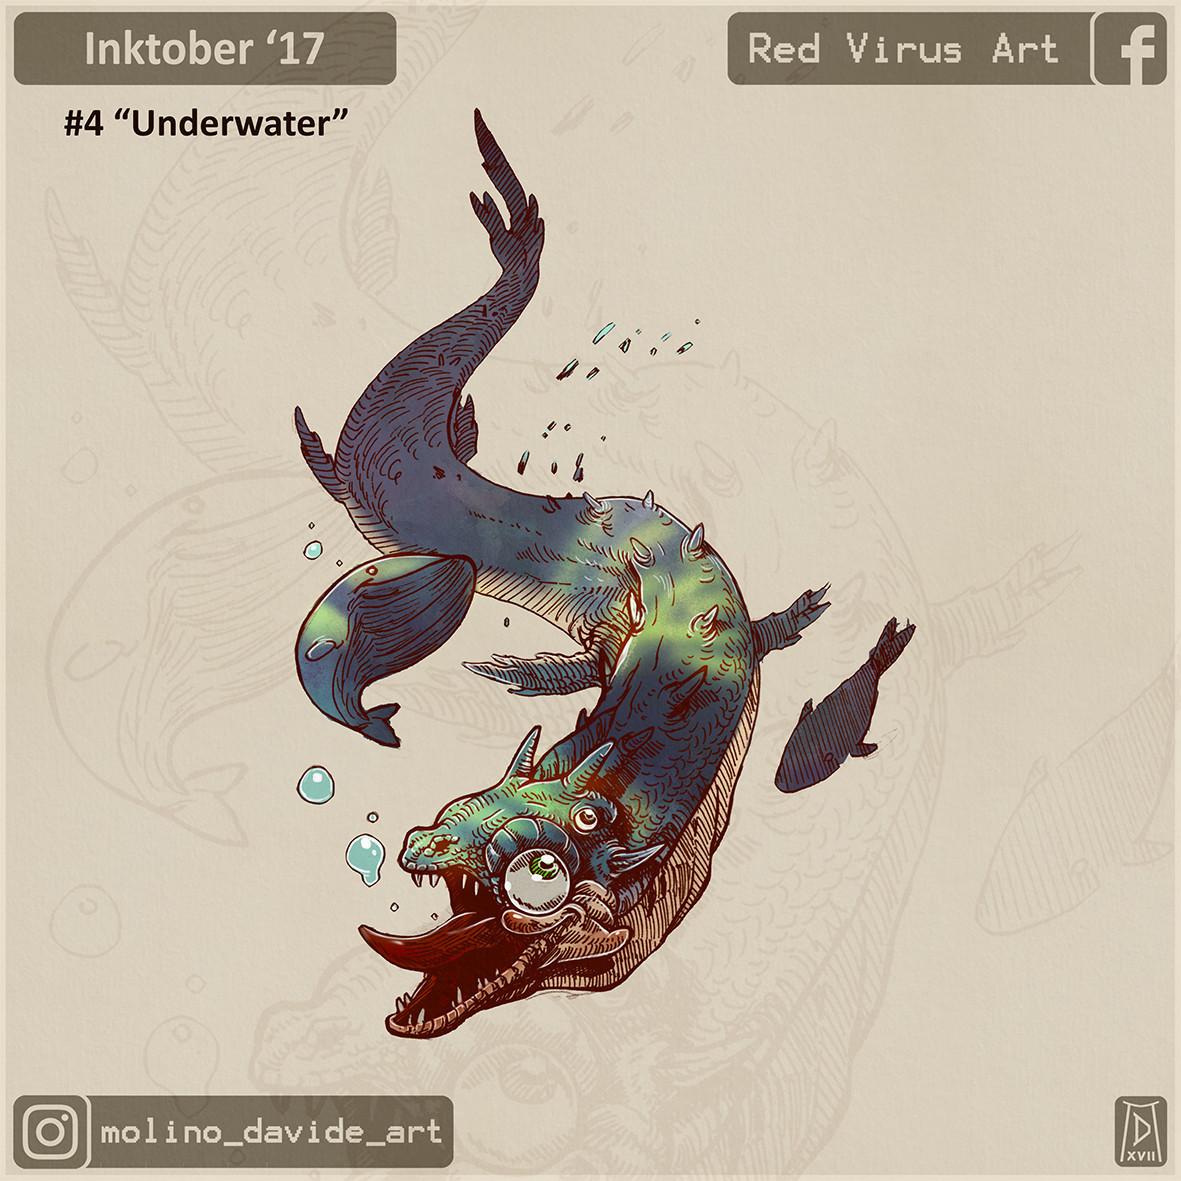 Day 04 - Underwater